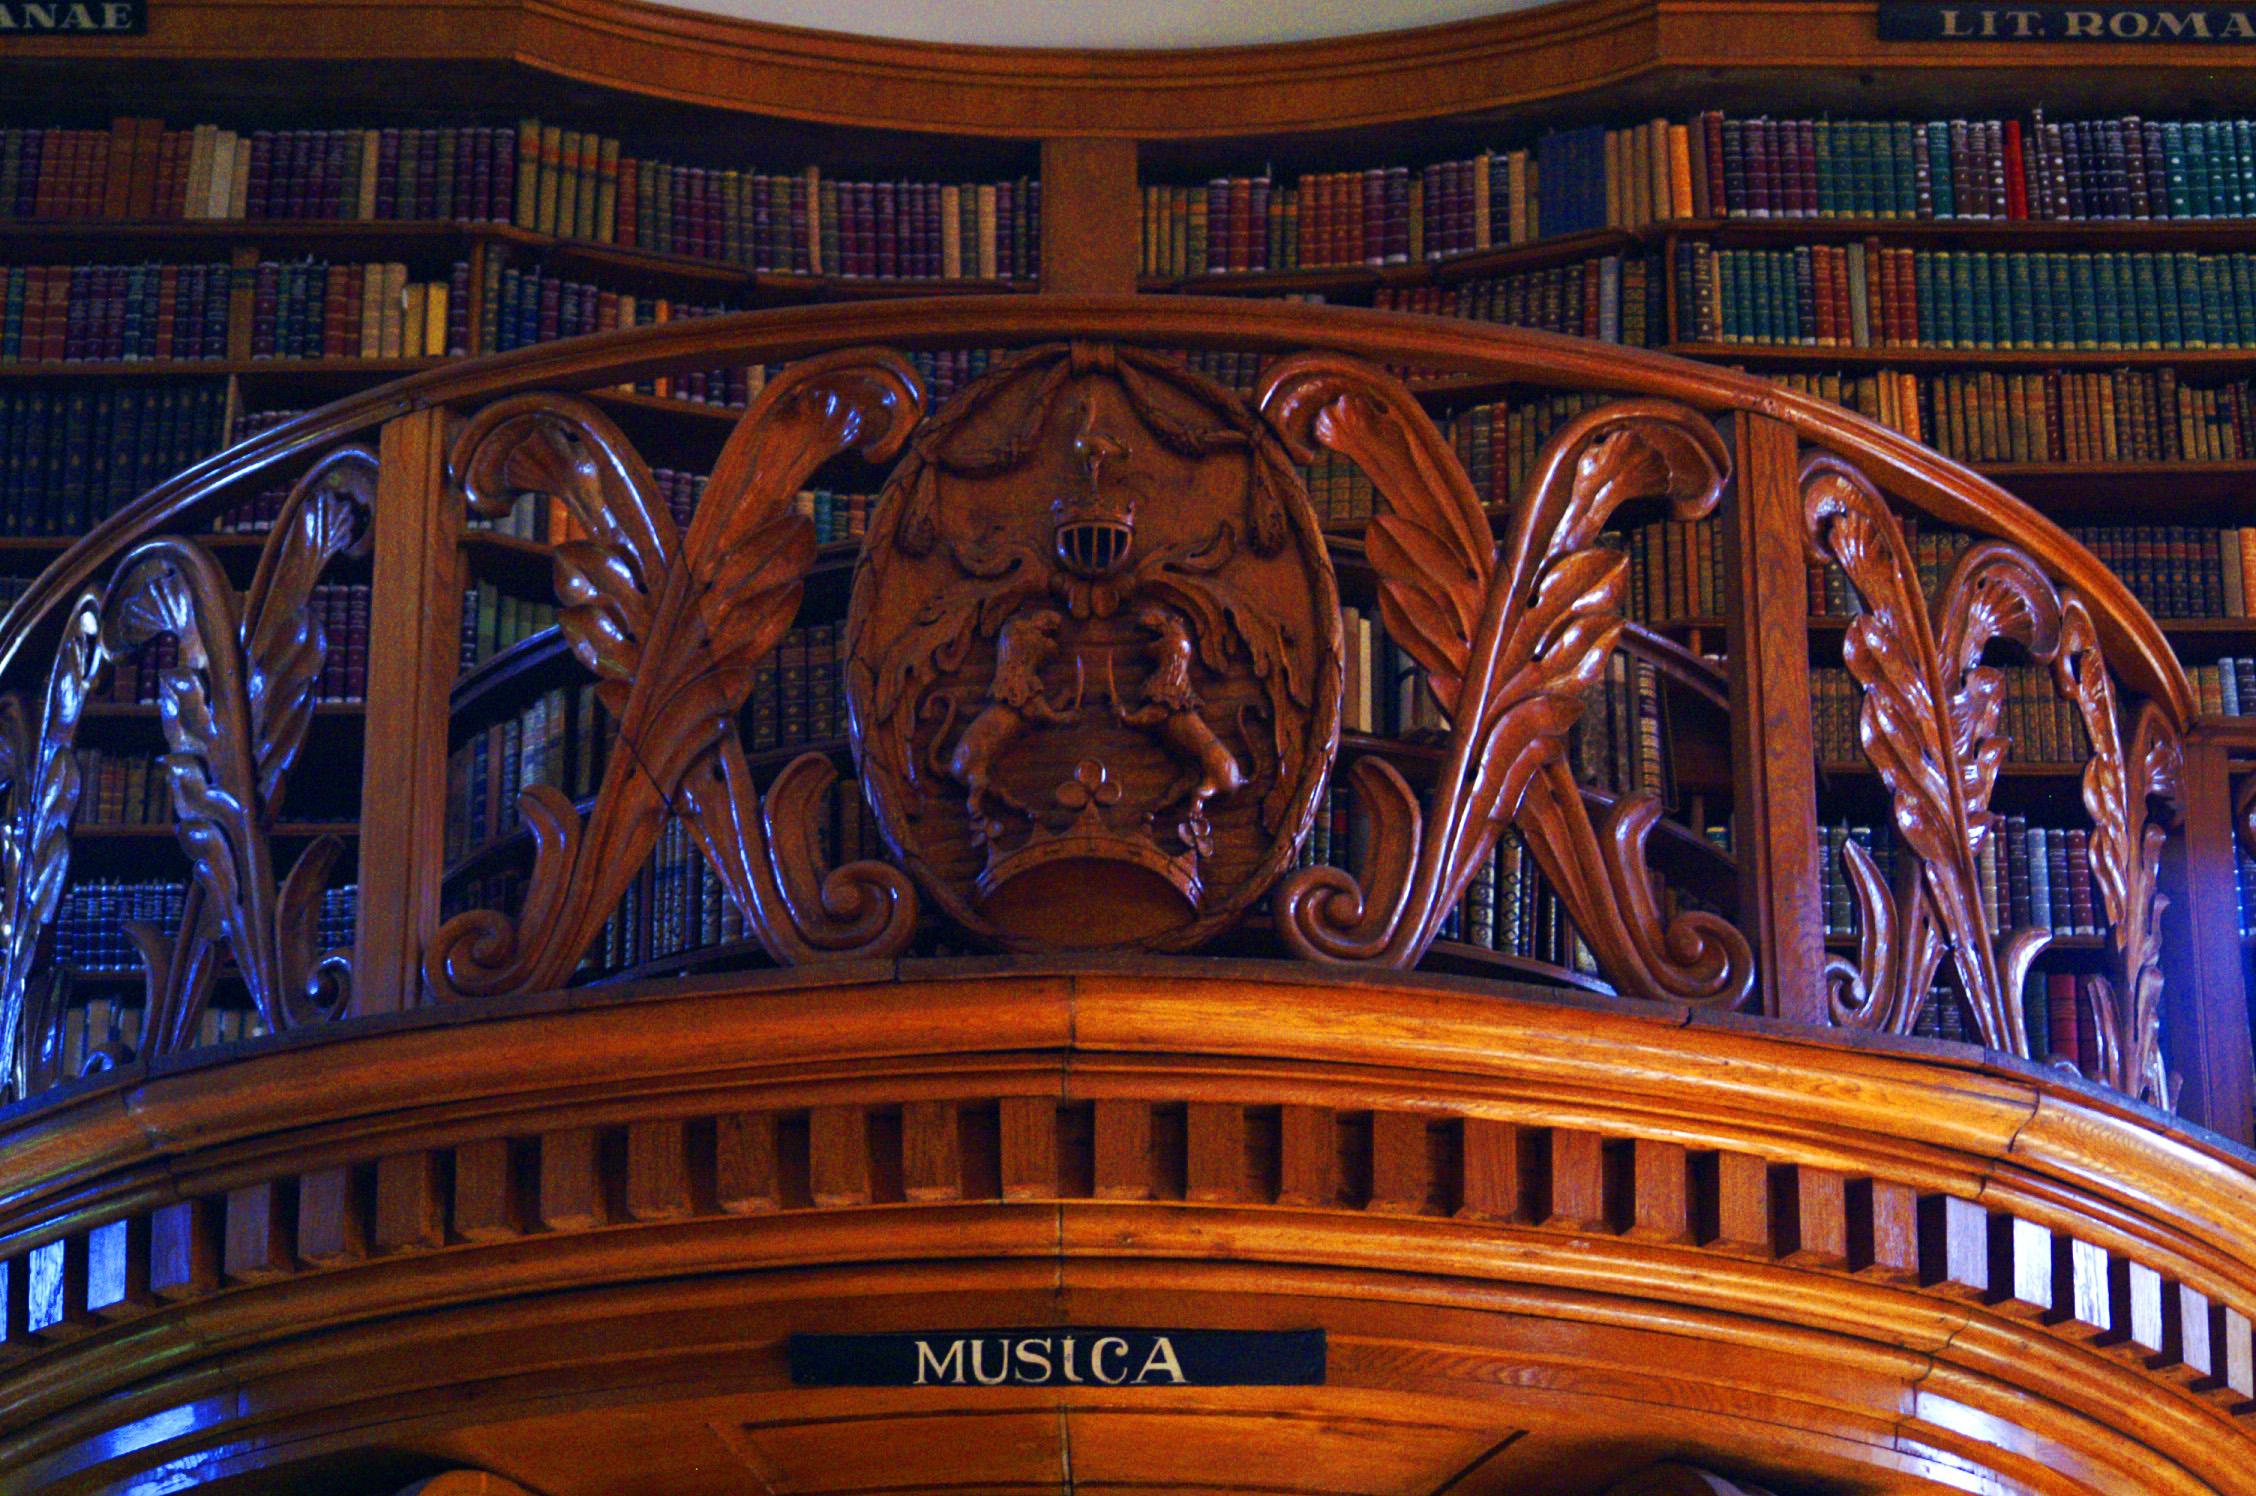 Festetics-kastély könyvtára